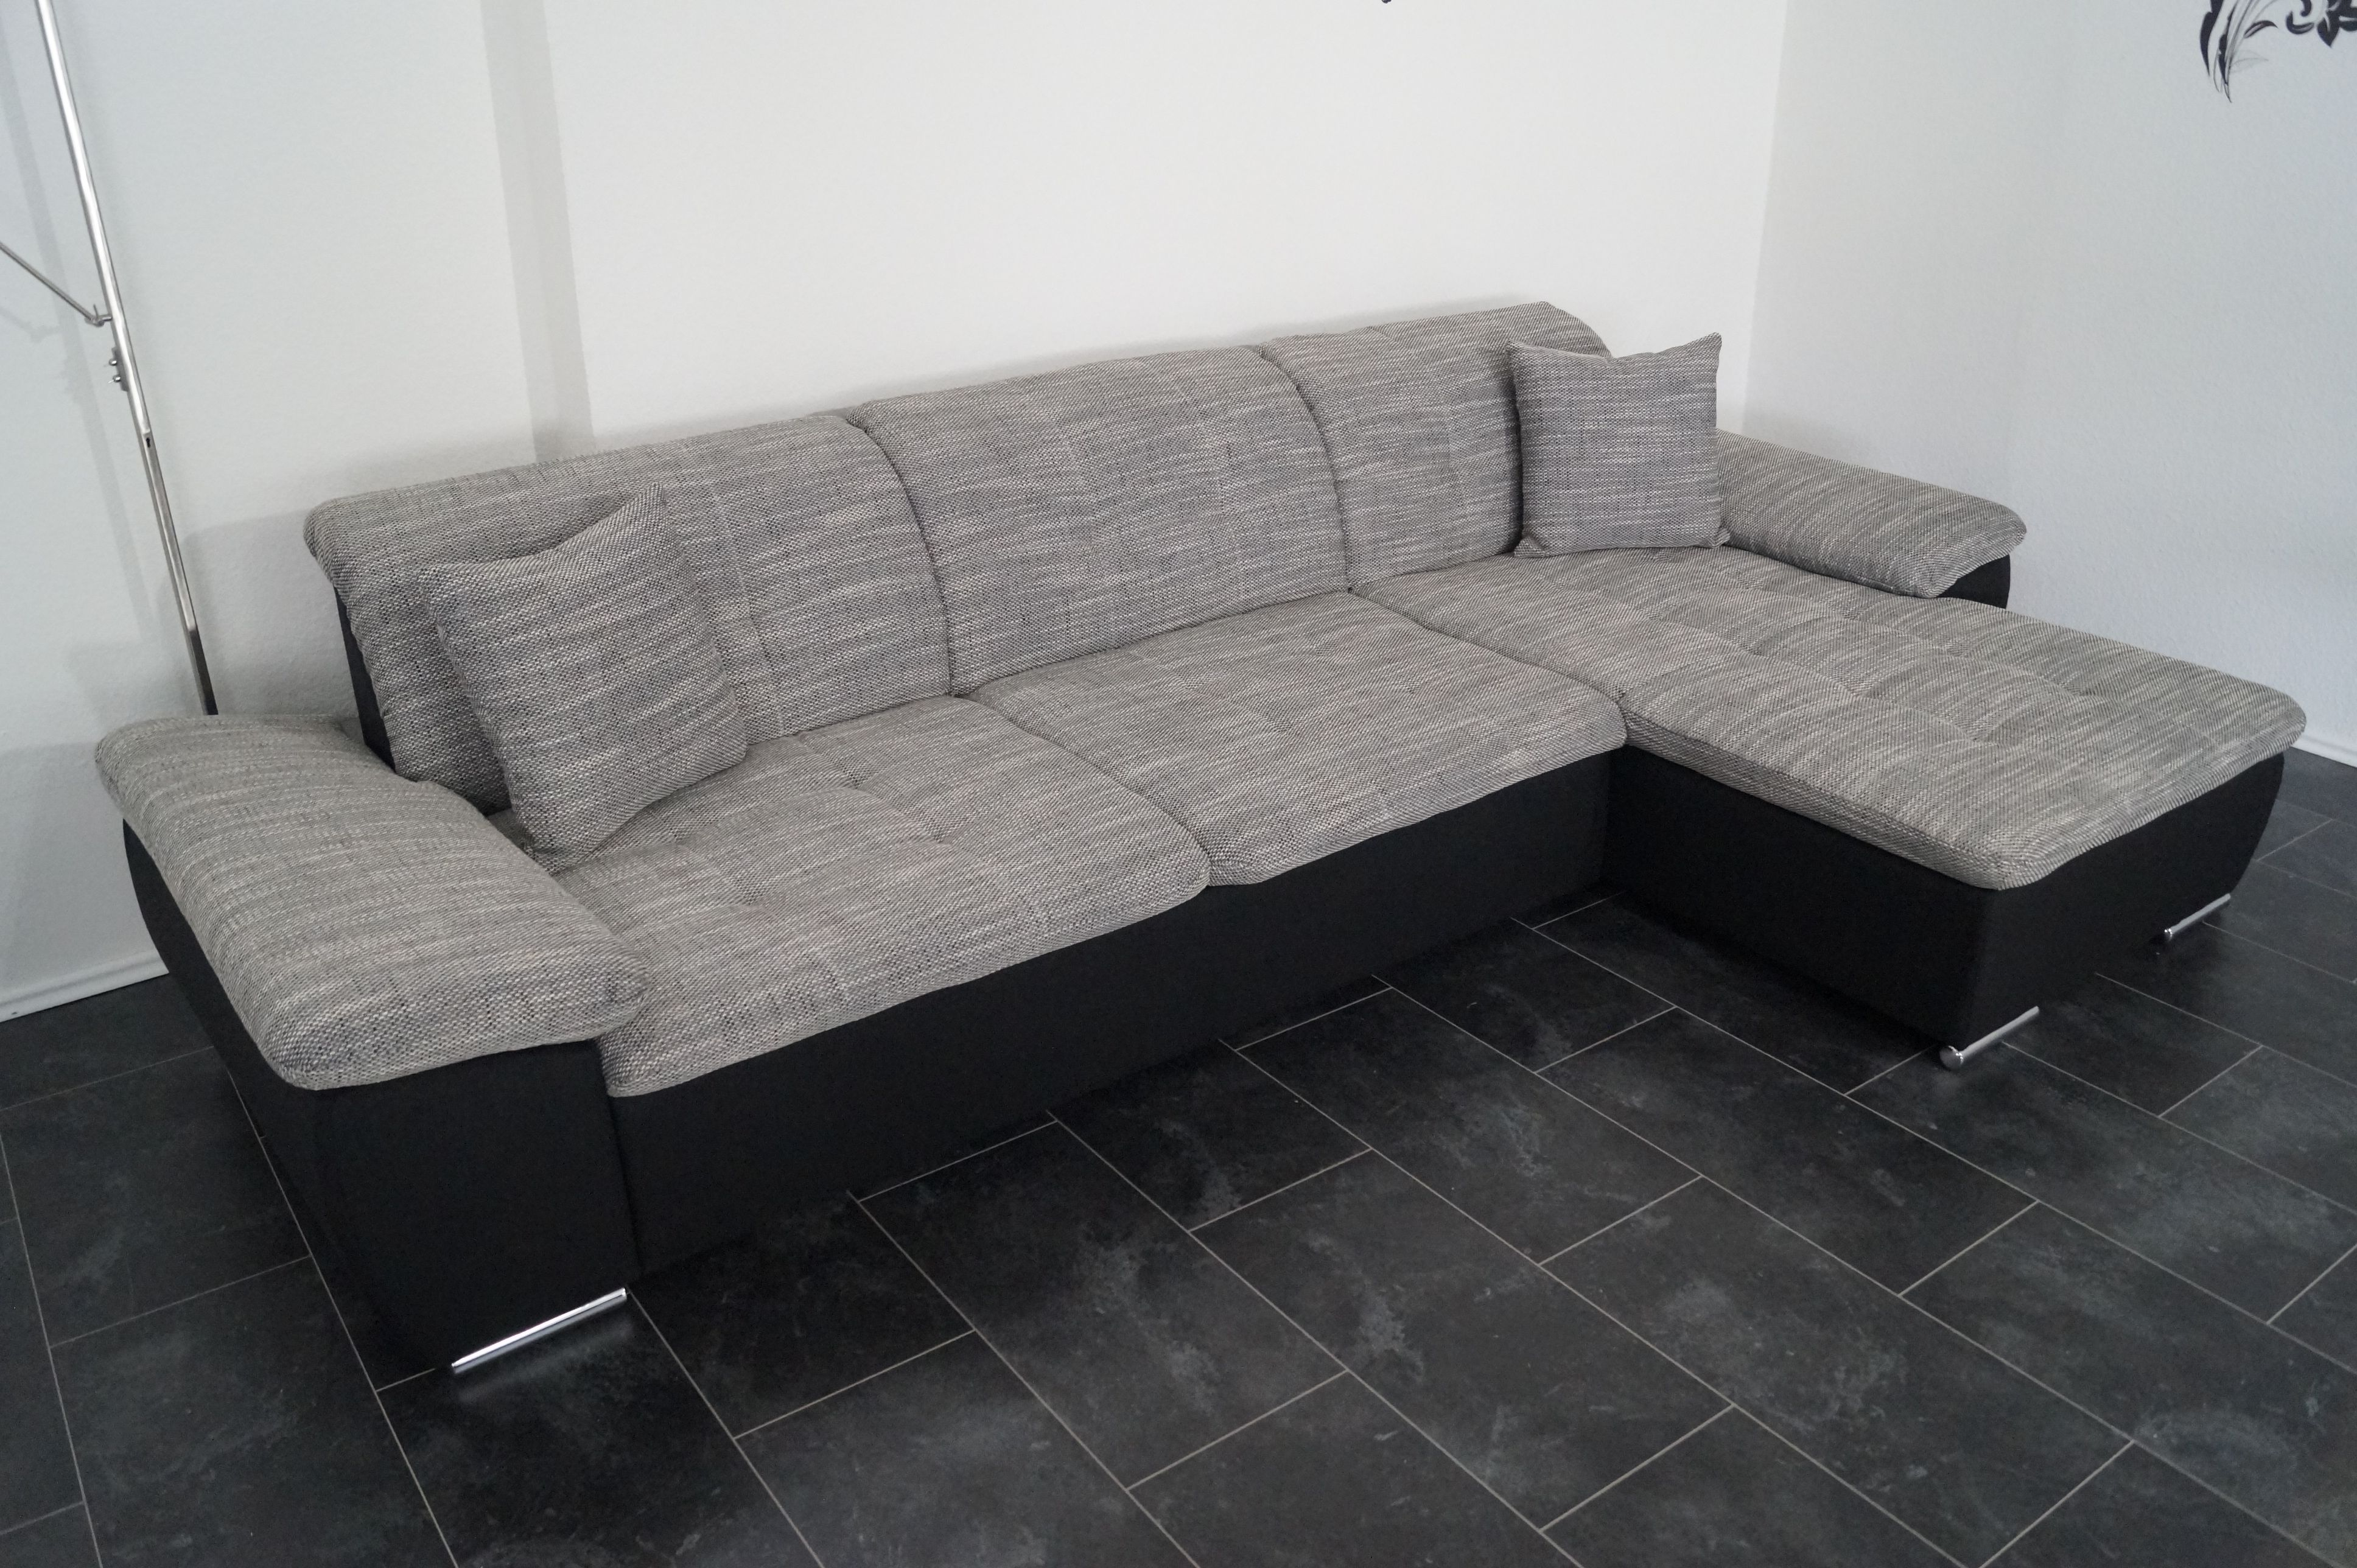 Bezaubernd Sofa Billig Kaufen Referenz Von Www.sofa-günstig-kaufen.de Möbel Sofort Auf Lager !